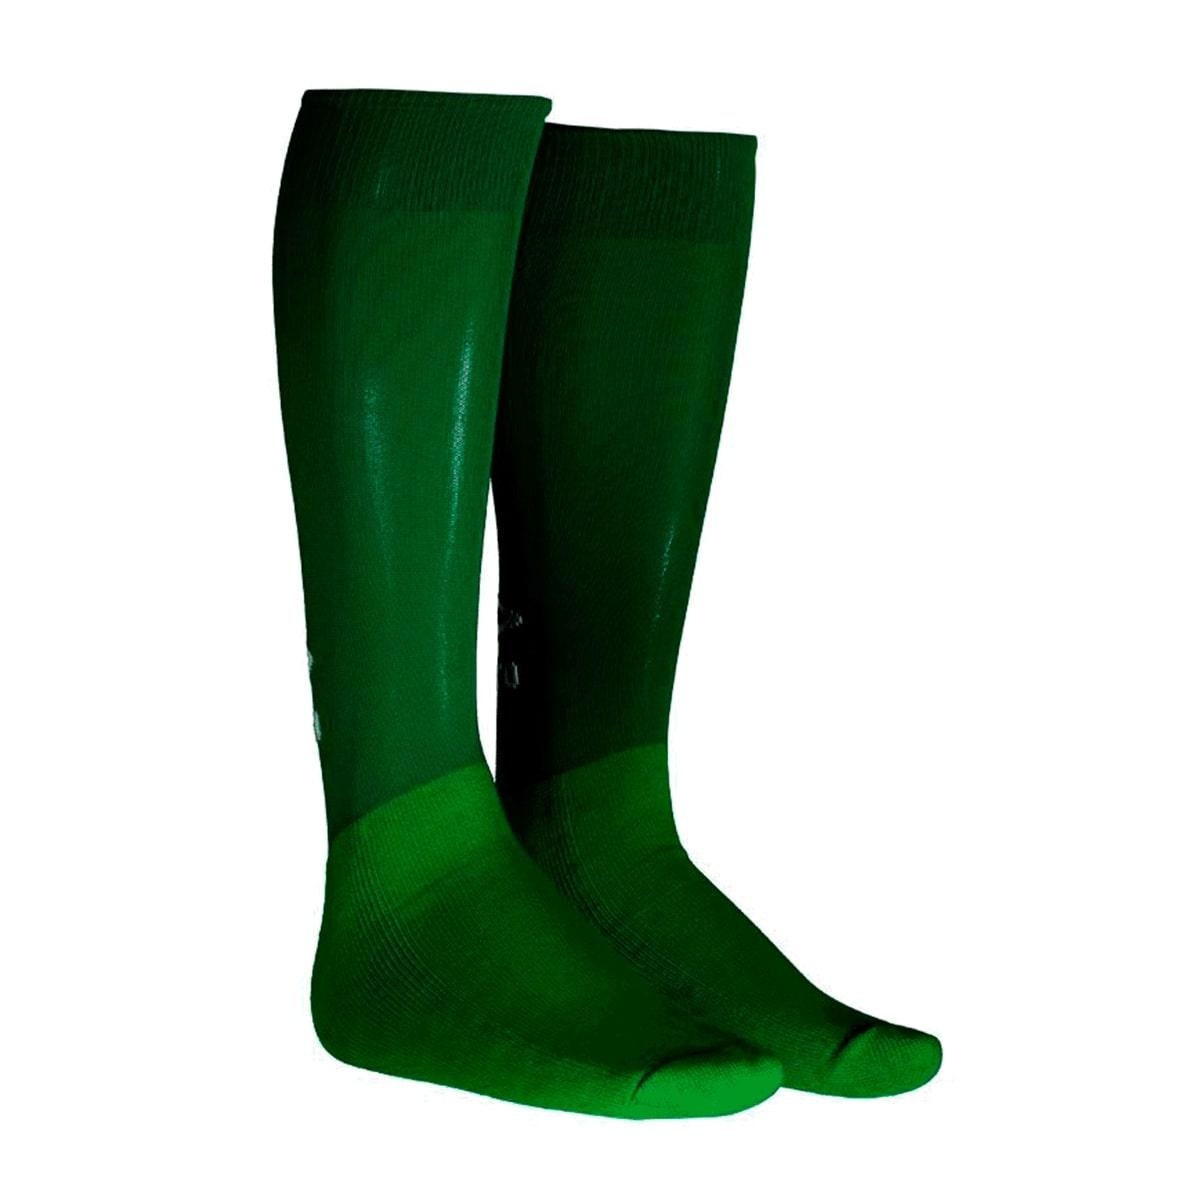 Meião Umbro Twr Prime Masculino Verde